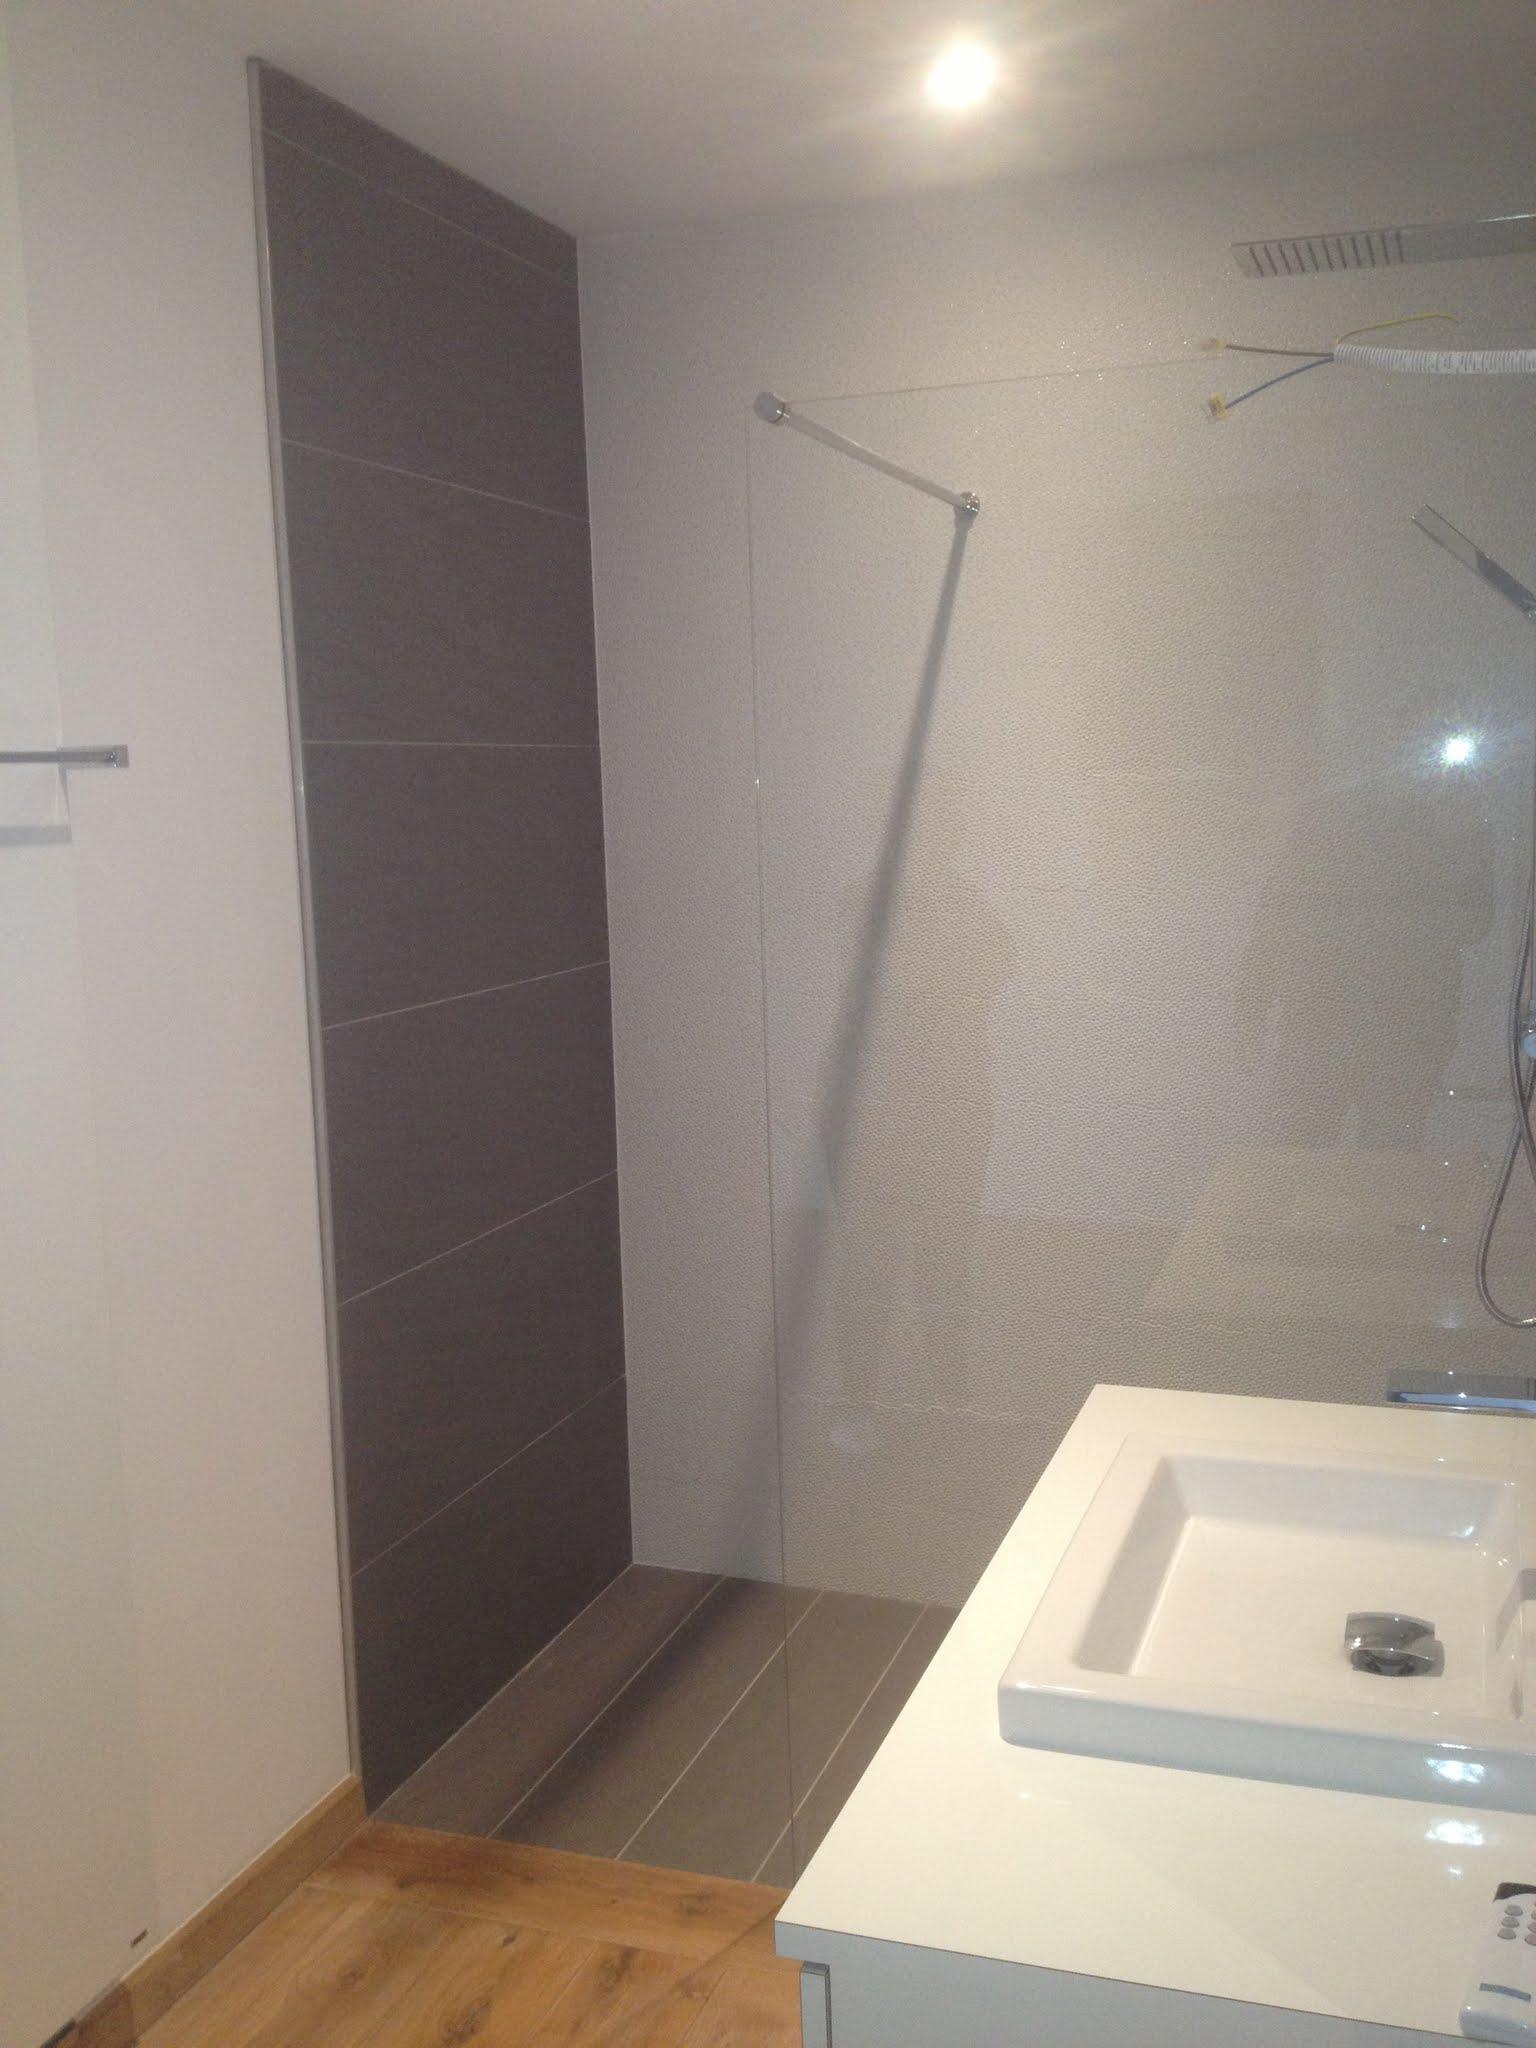 Réalisation d'une salle de bain carrelage aspect pierre+ vasque à